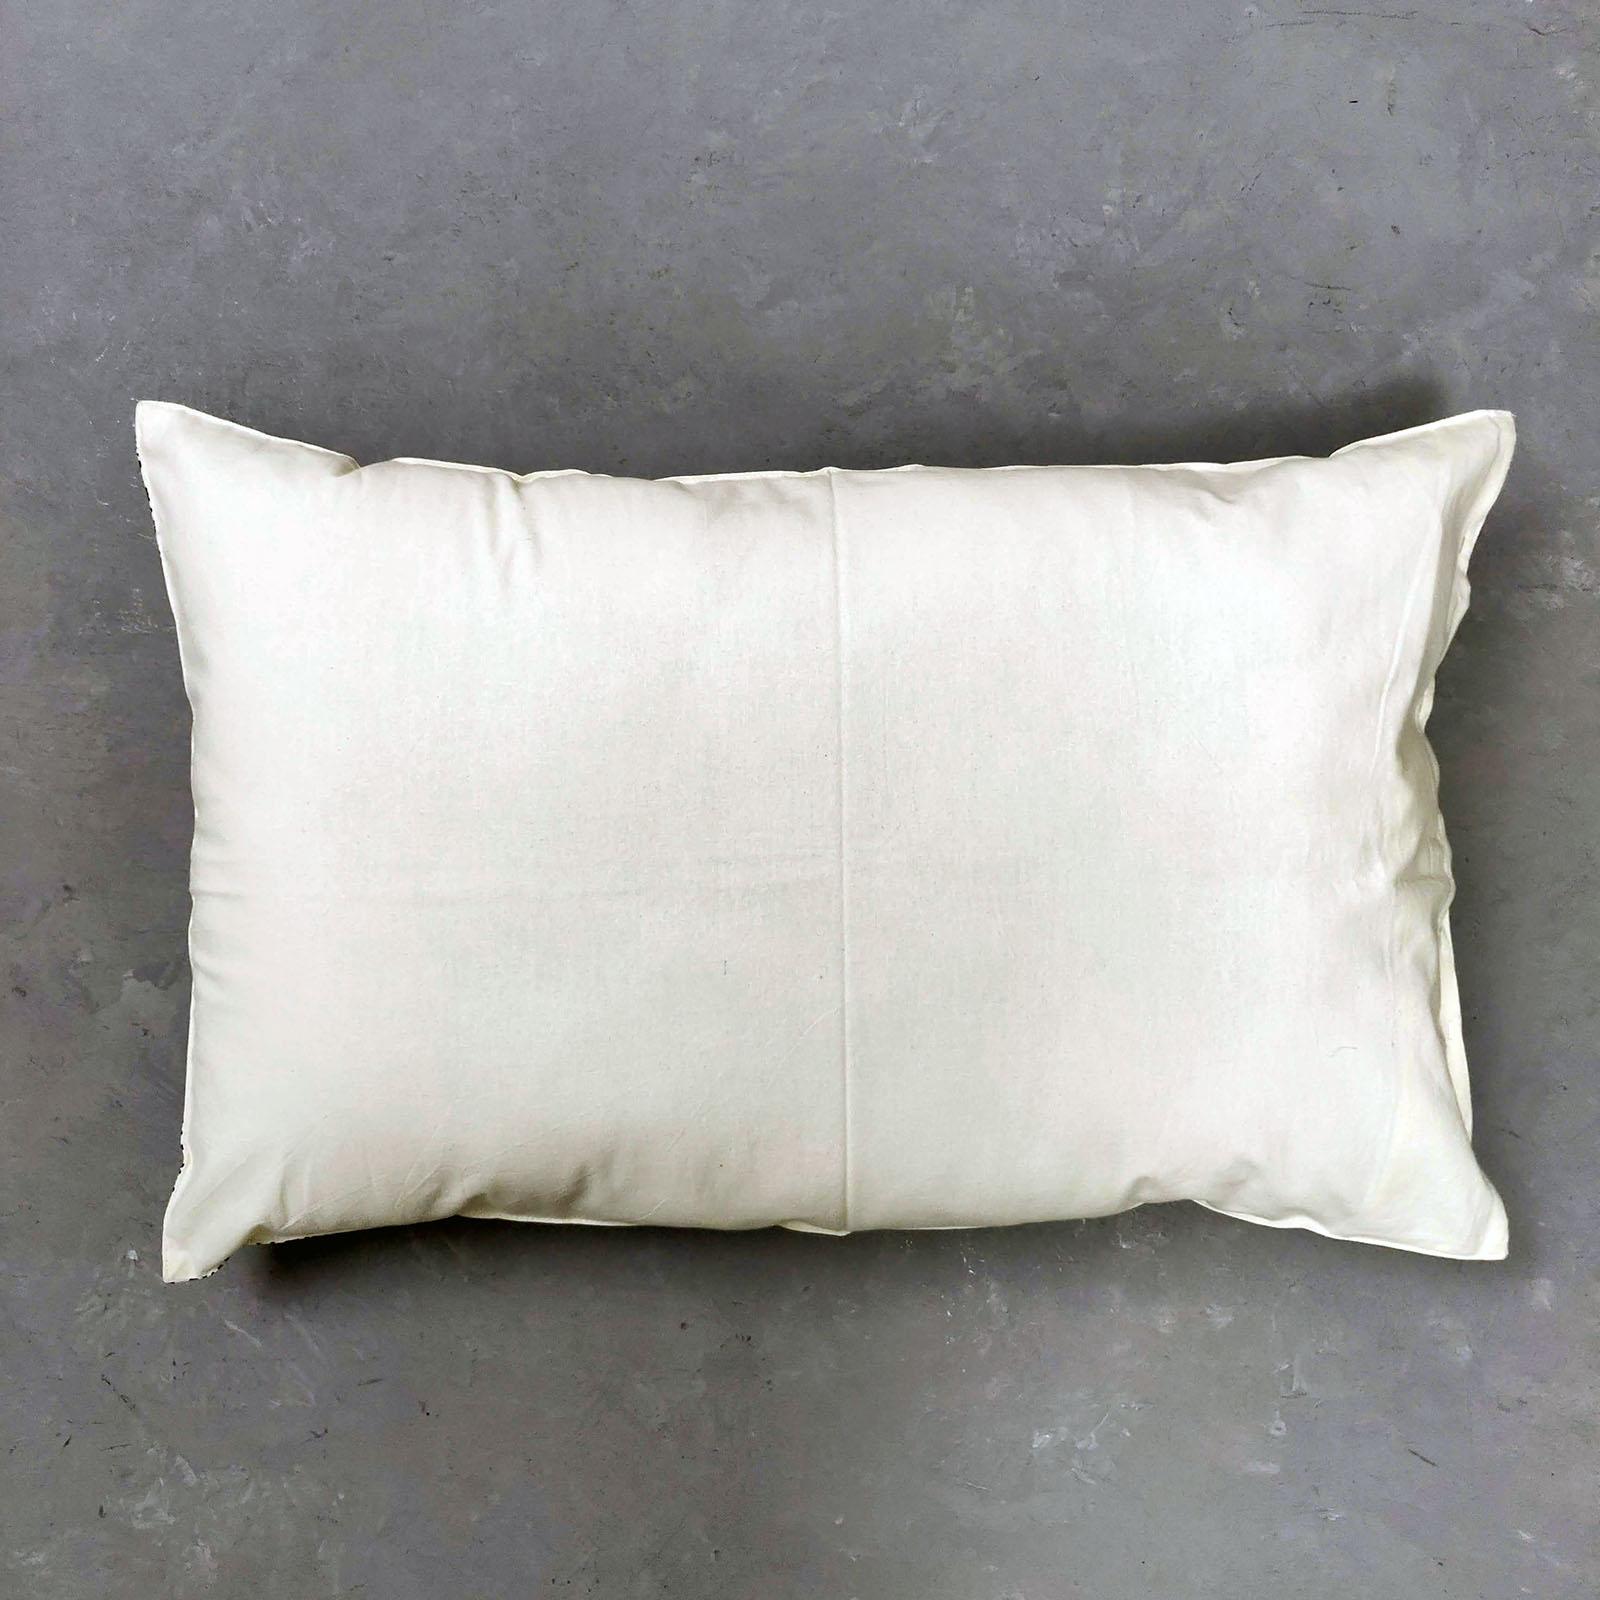 Hrudai Pillow Cover